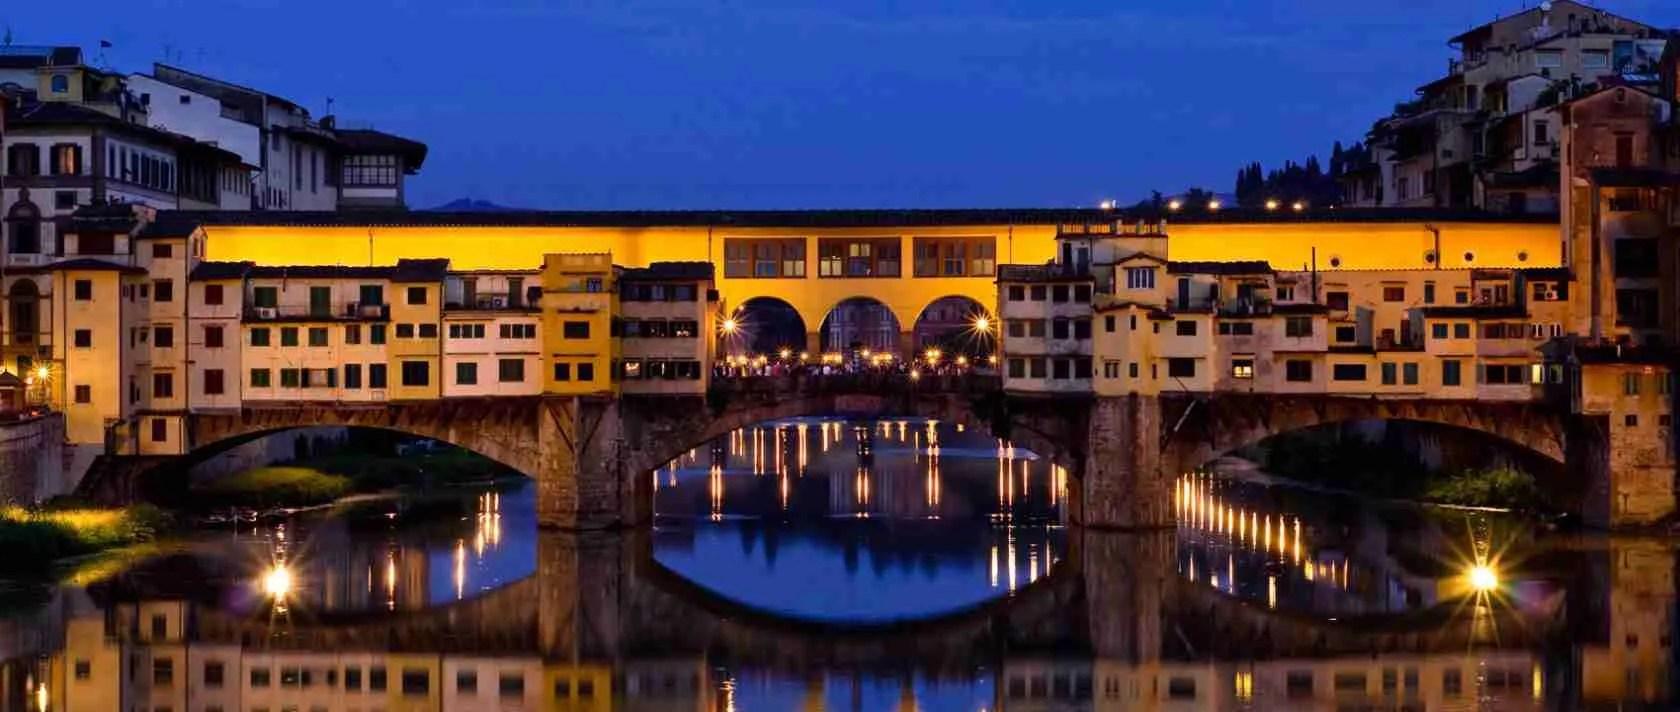 Il Ponte Vecchio di Firenze è il luogo preferito dalle escort Firenze per una passeggiata romantica.